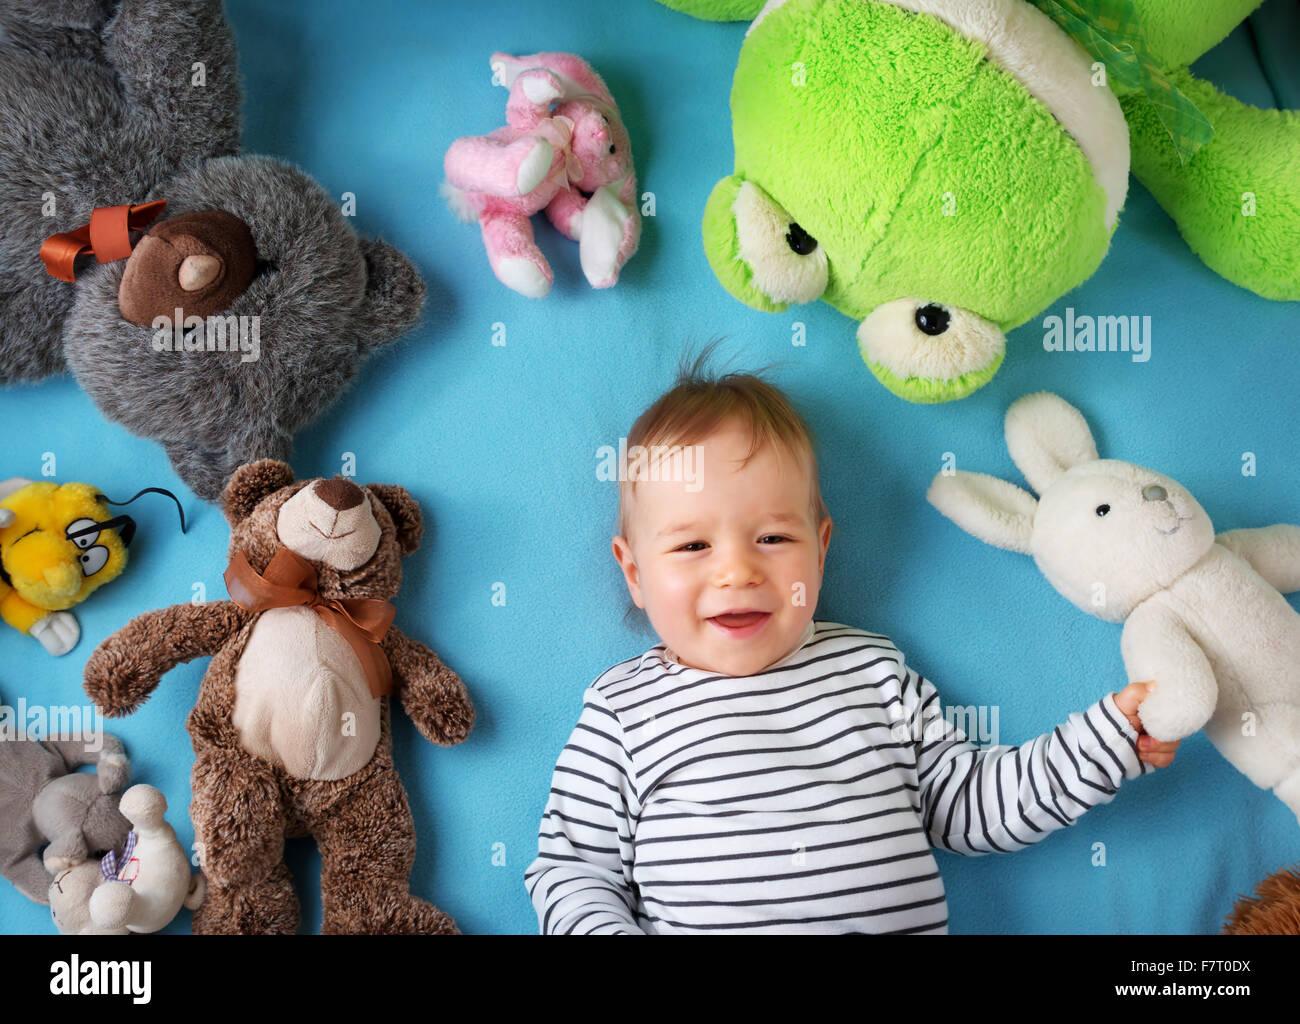 Heureux un an garçon couché avec de nombreux jouets en peluche Photo Stock